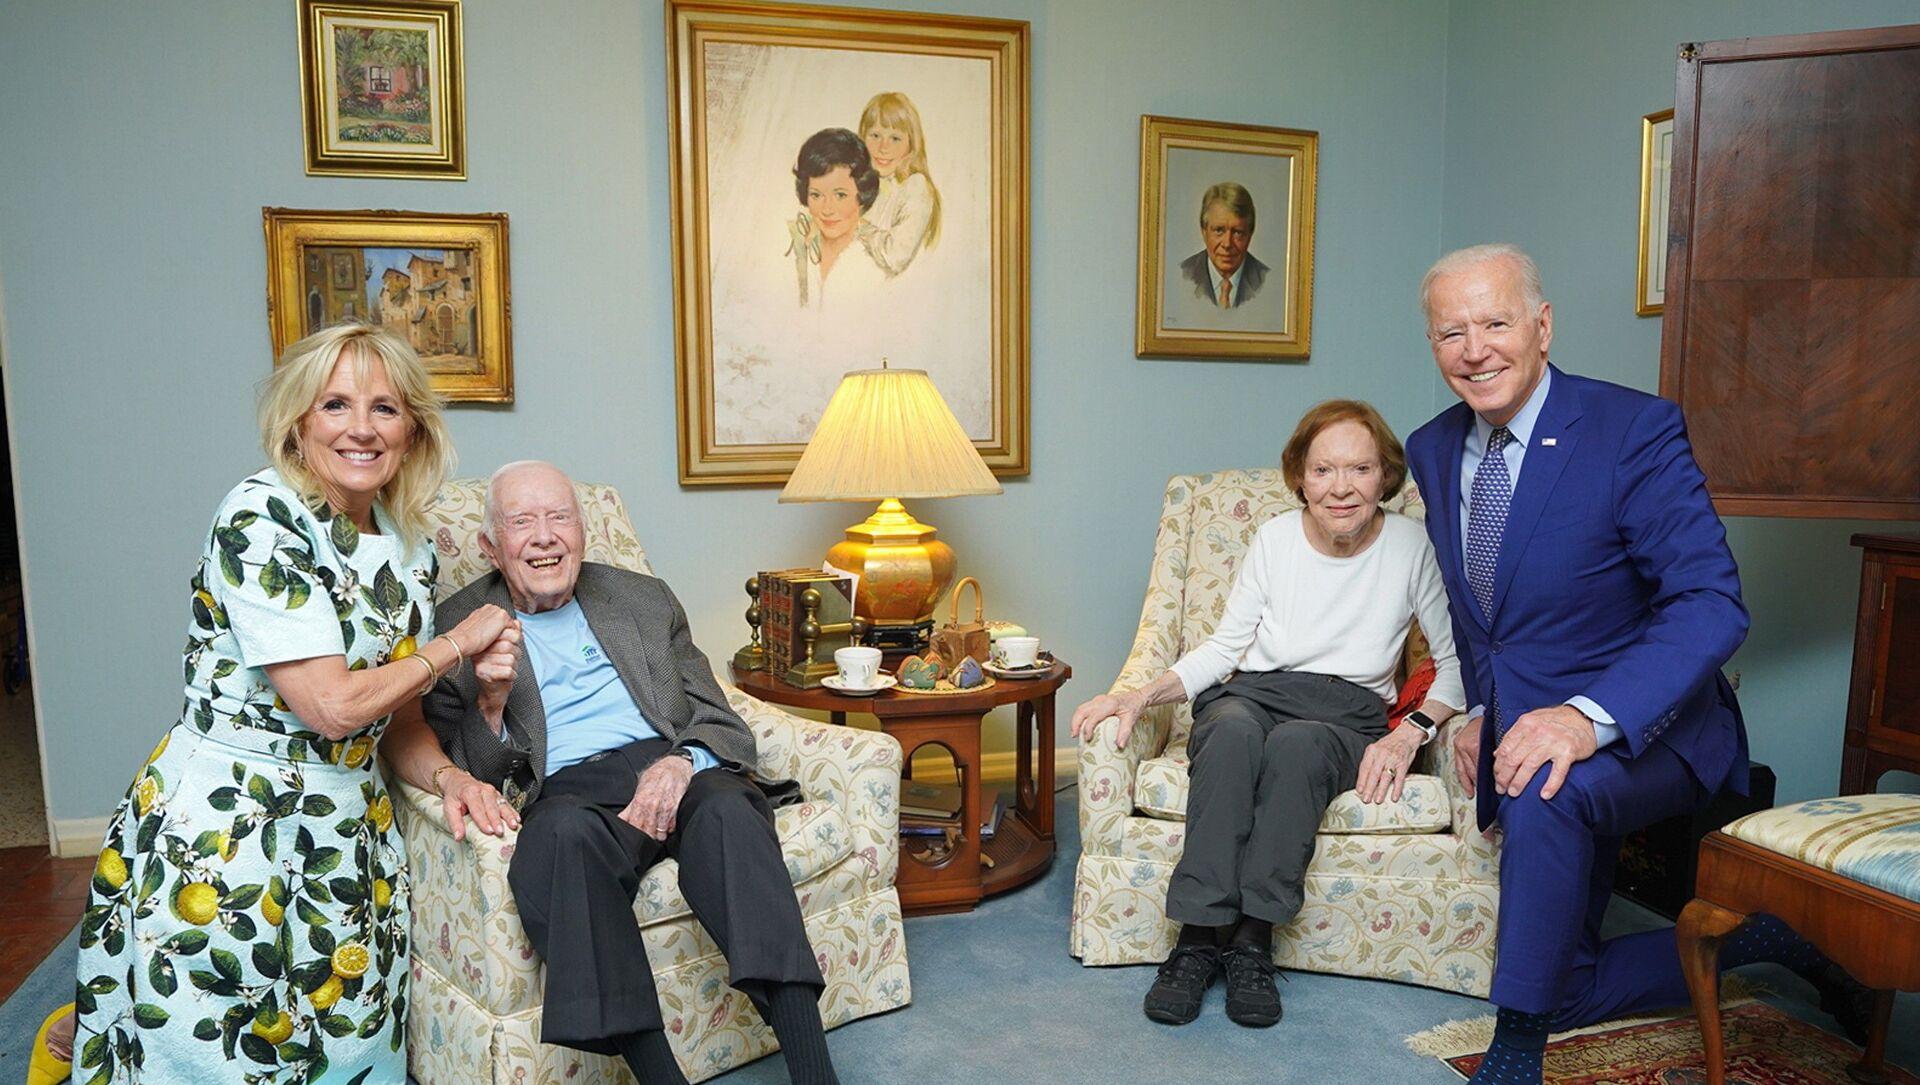 La foto di Joe Biden e sua moglie in visita alla famiglia dell'ex presidente degli Stati Uniti Jimmy Carter - Sputnik Italia, 1920, 05.05.2021